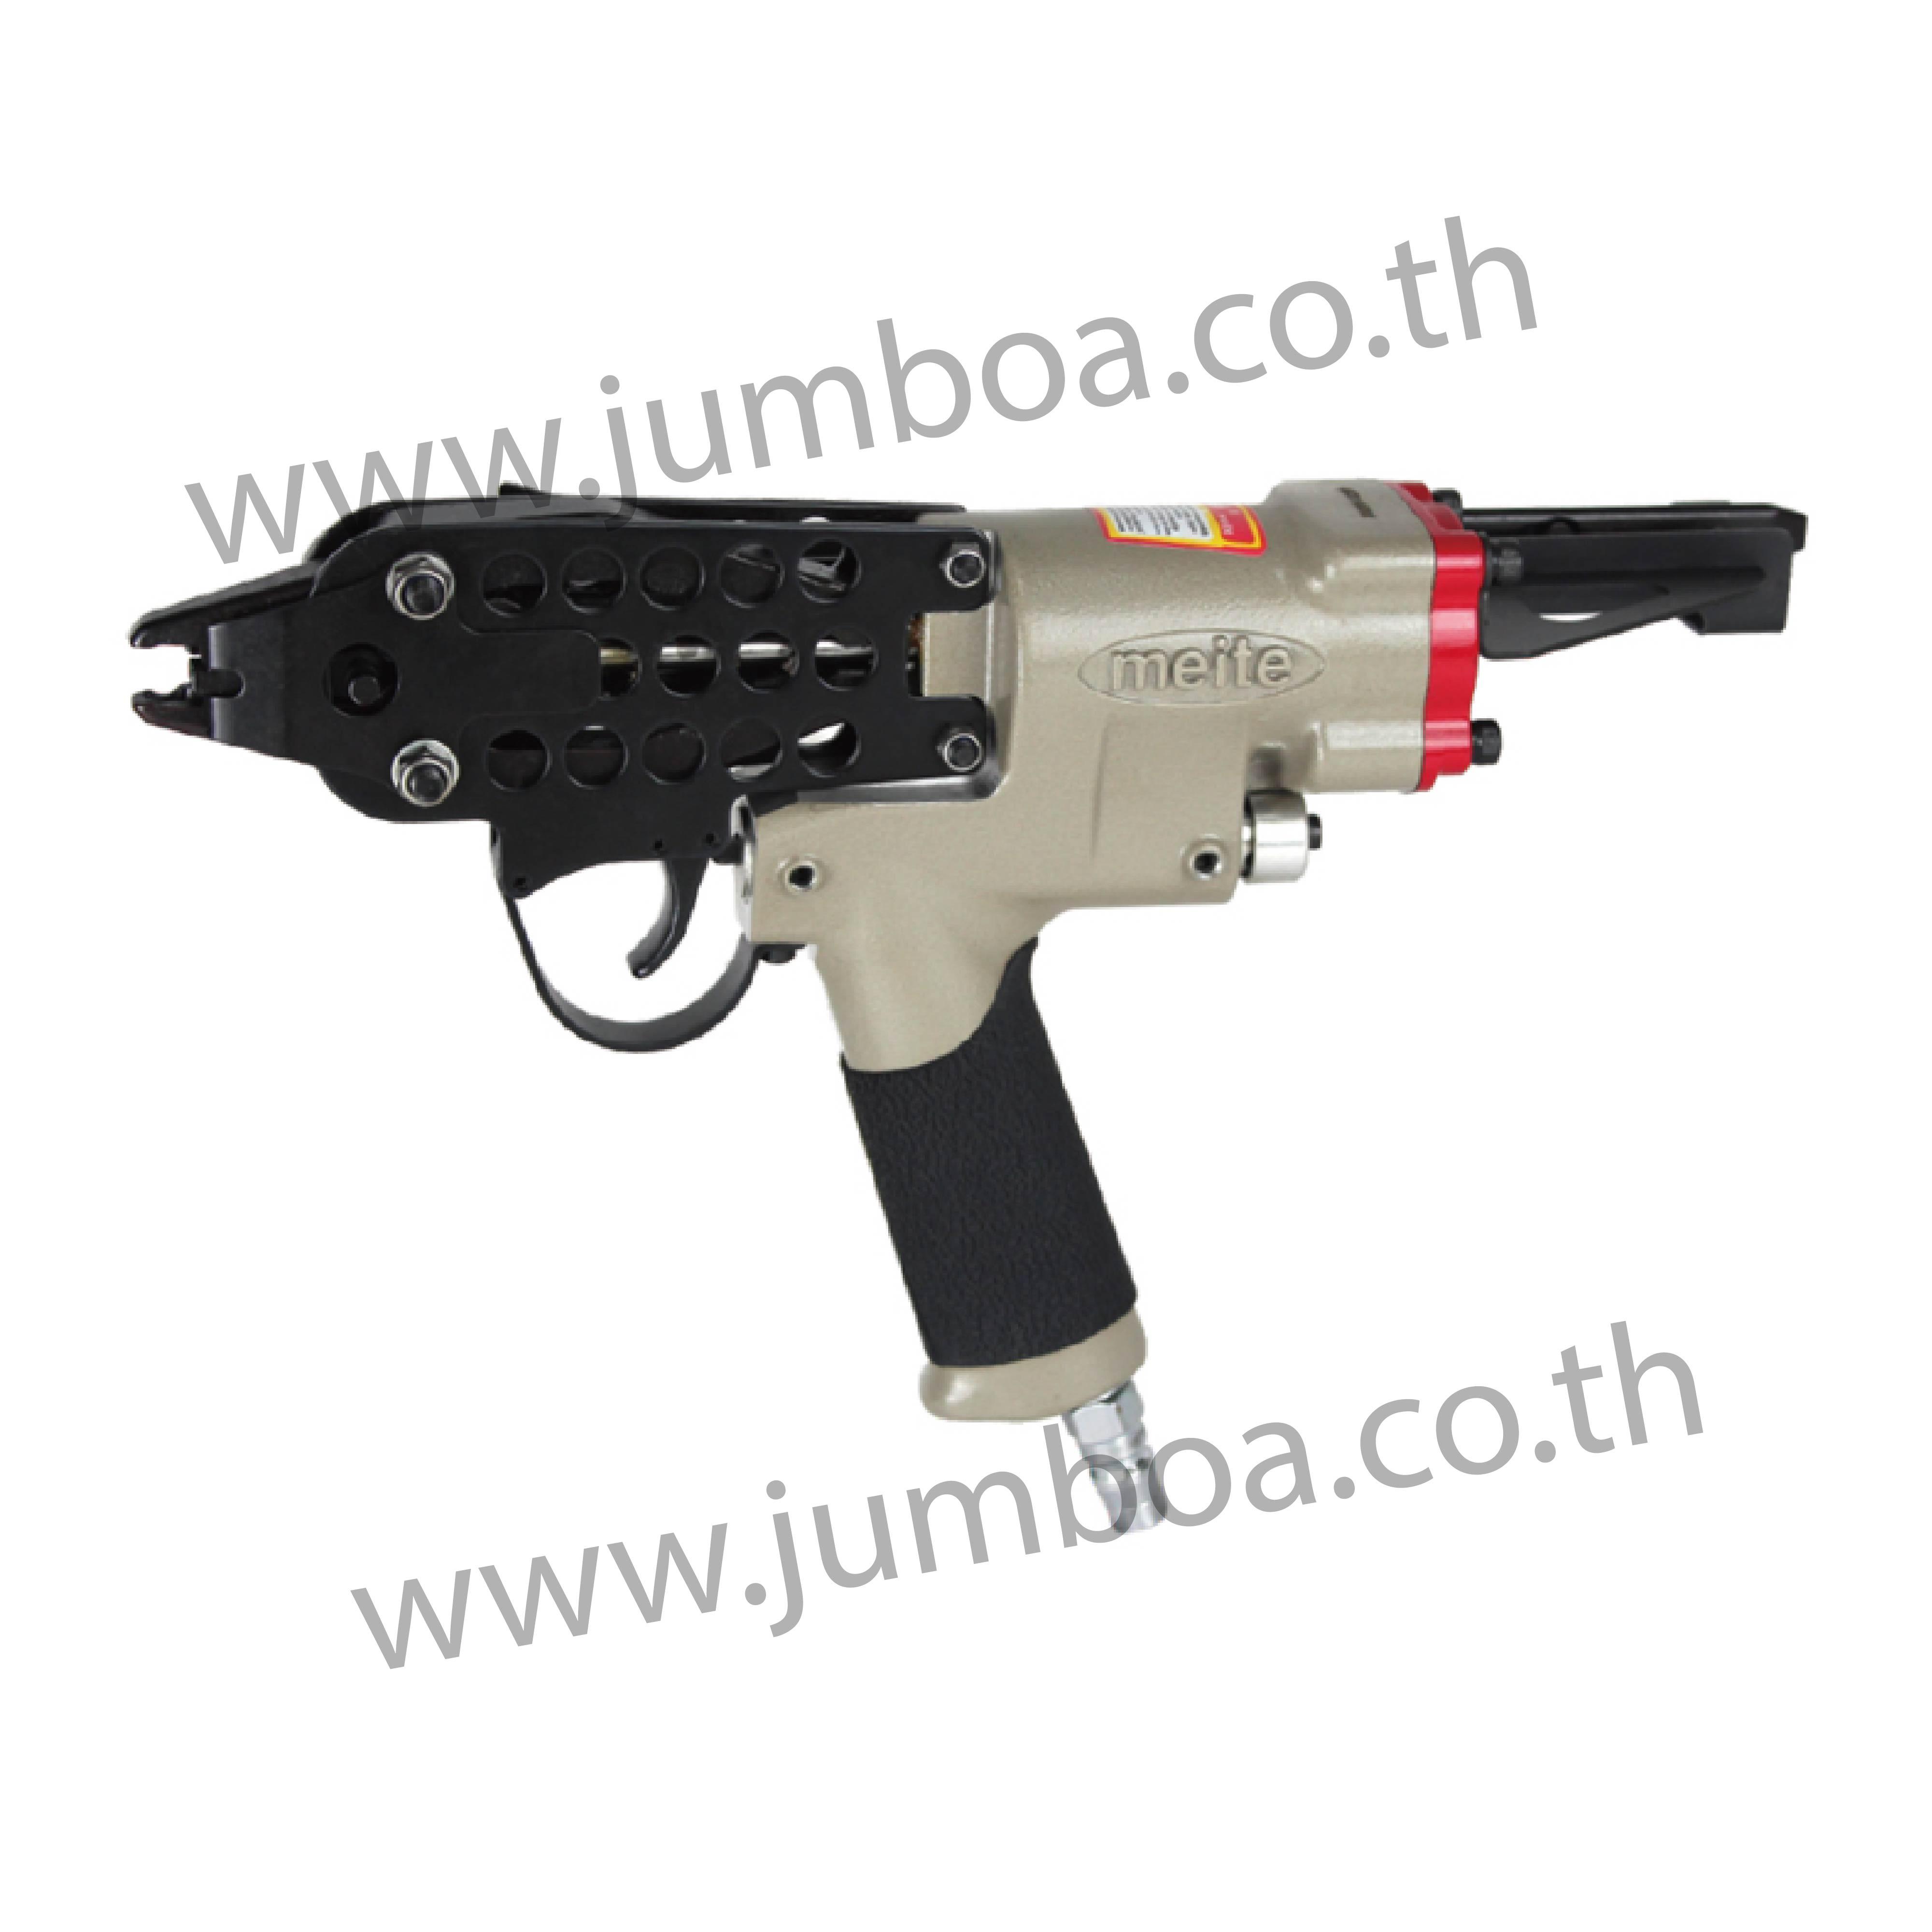 ปืนยิง C-ring SC760 MEITE